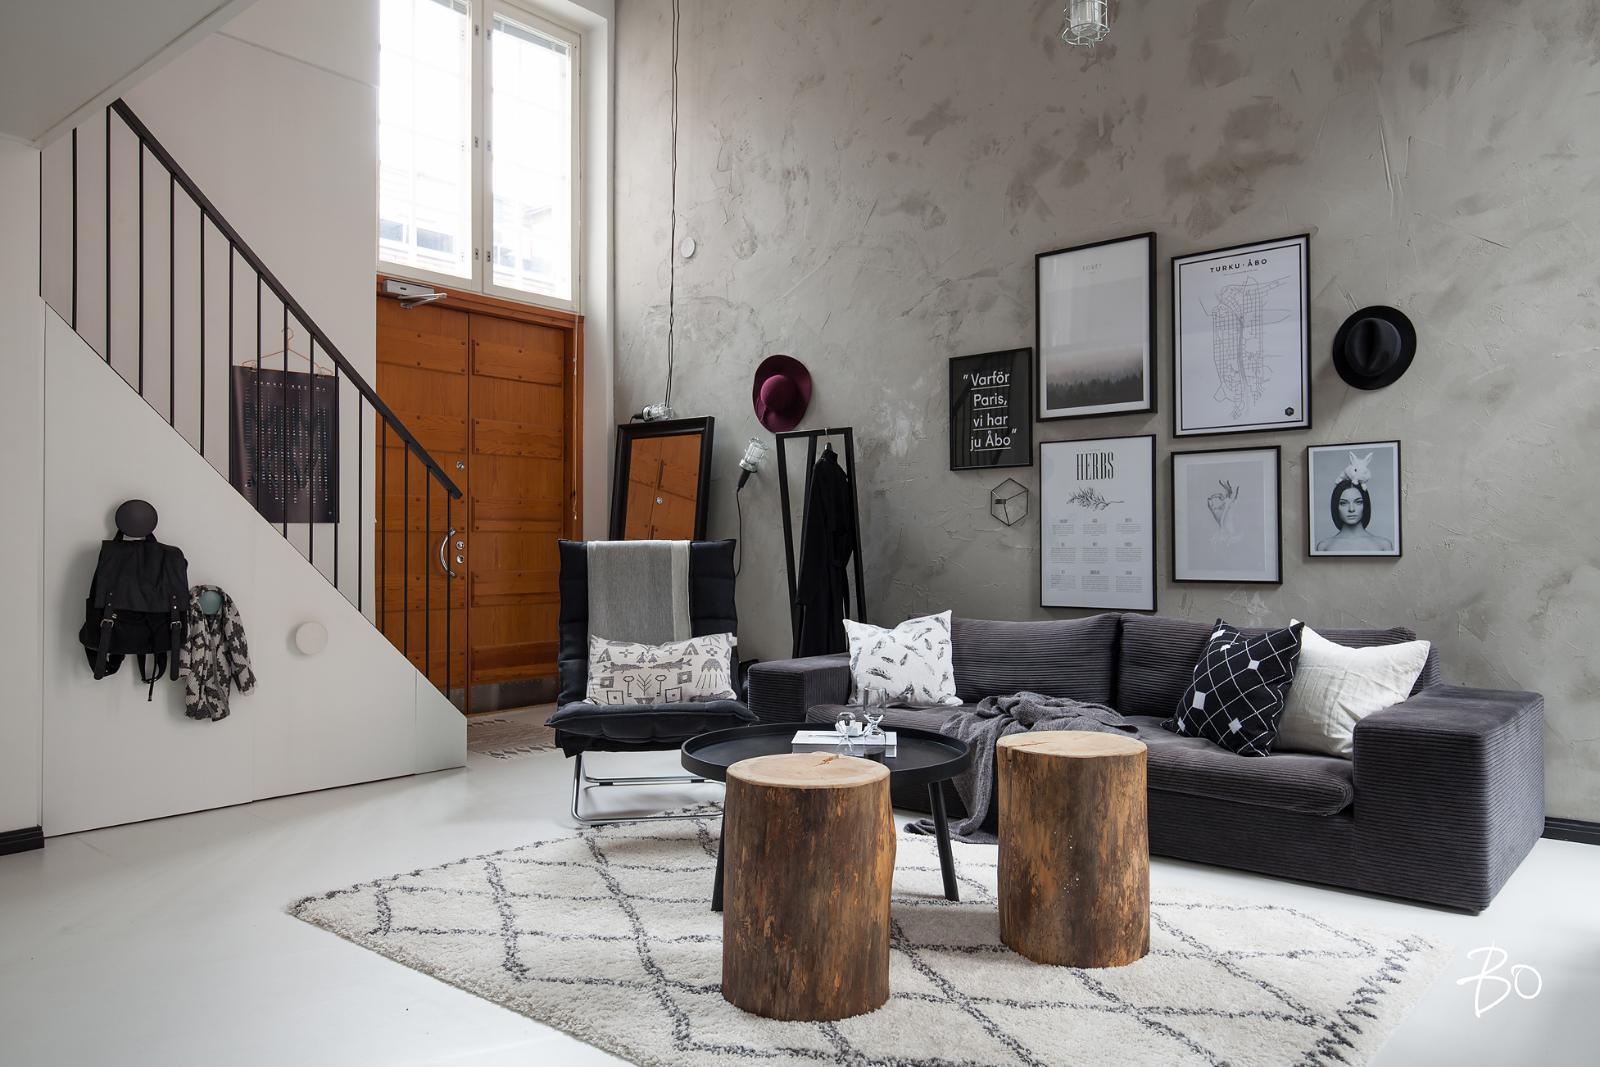 Ihana olohuone loft asunnossa  Etuovi com Ideat & vinkit